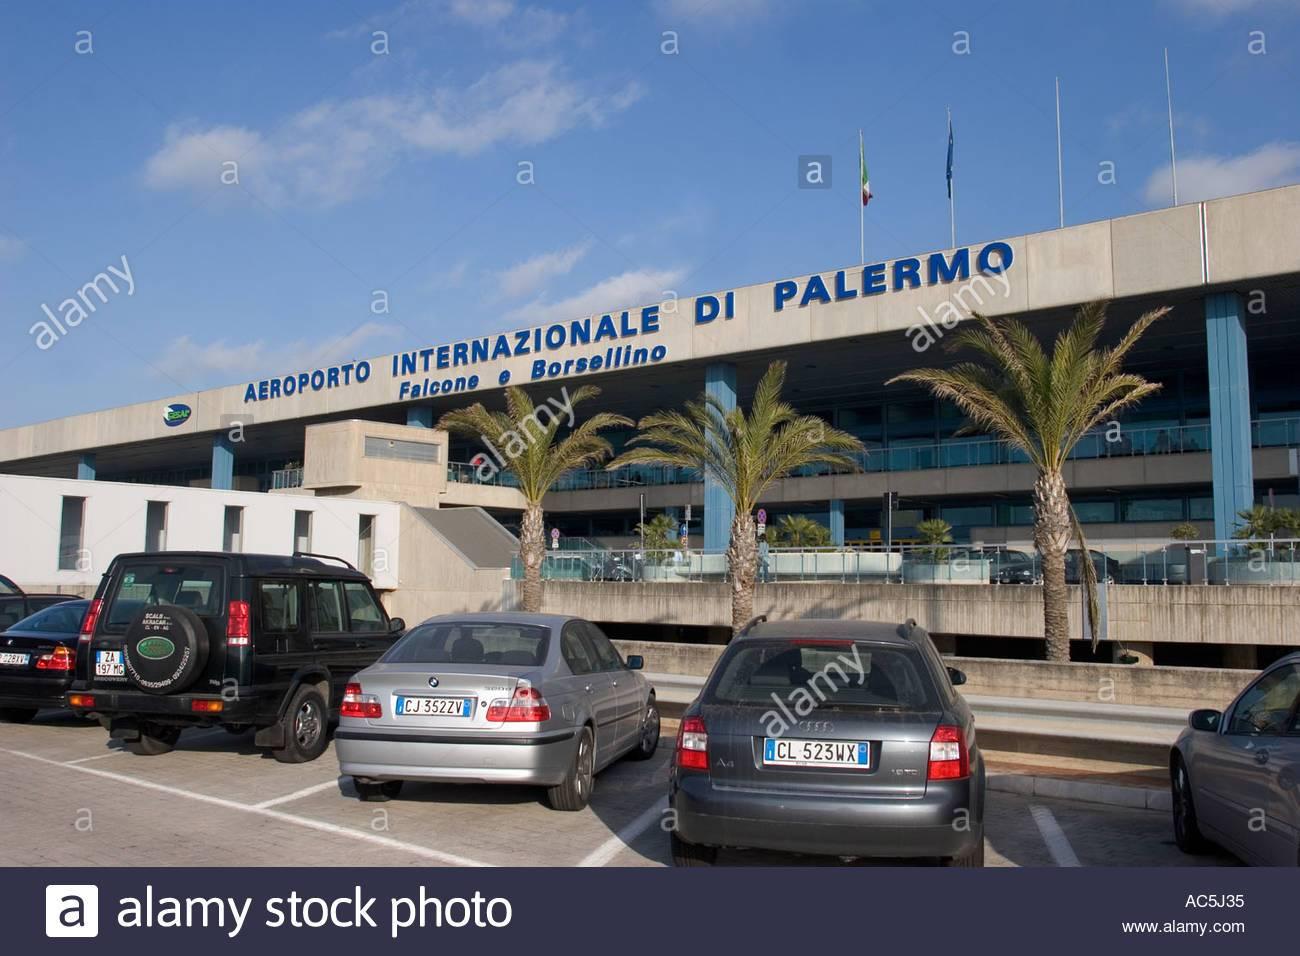 Аэропорты сицилии (катания, палермо, трапани) — где находятся и как добраться в город